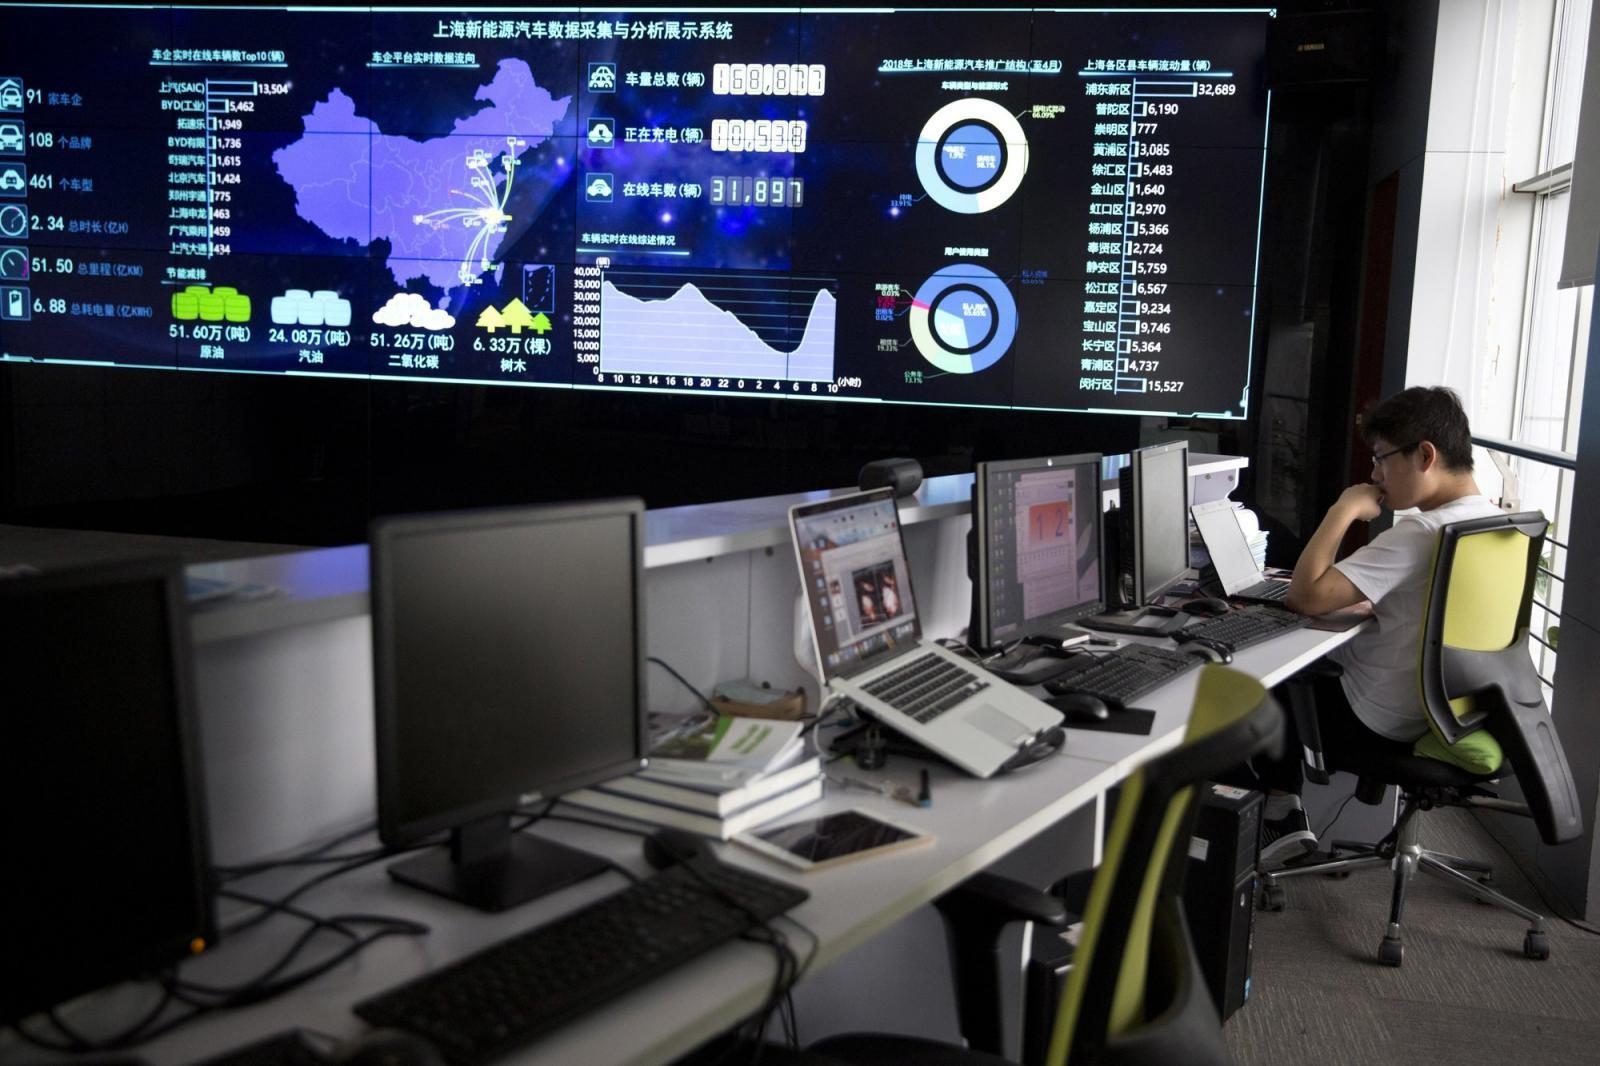 Một màn hình lớn hiển thị thông tin thời gian thực của các xe điện tạiShanghai Electric Vehicle Public Data Collecting, Monitoring and Research Center